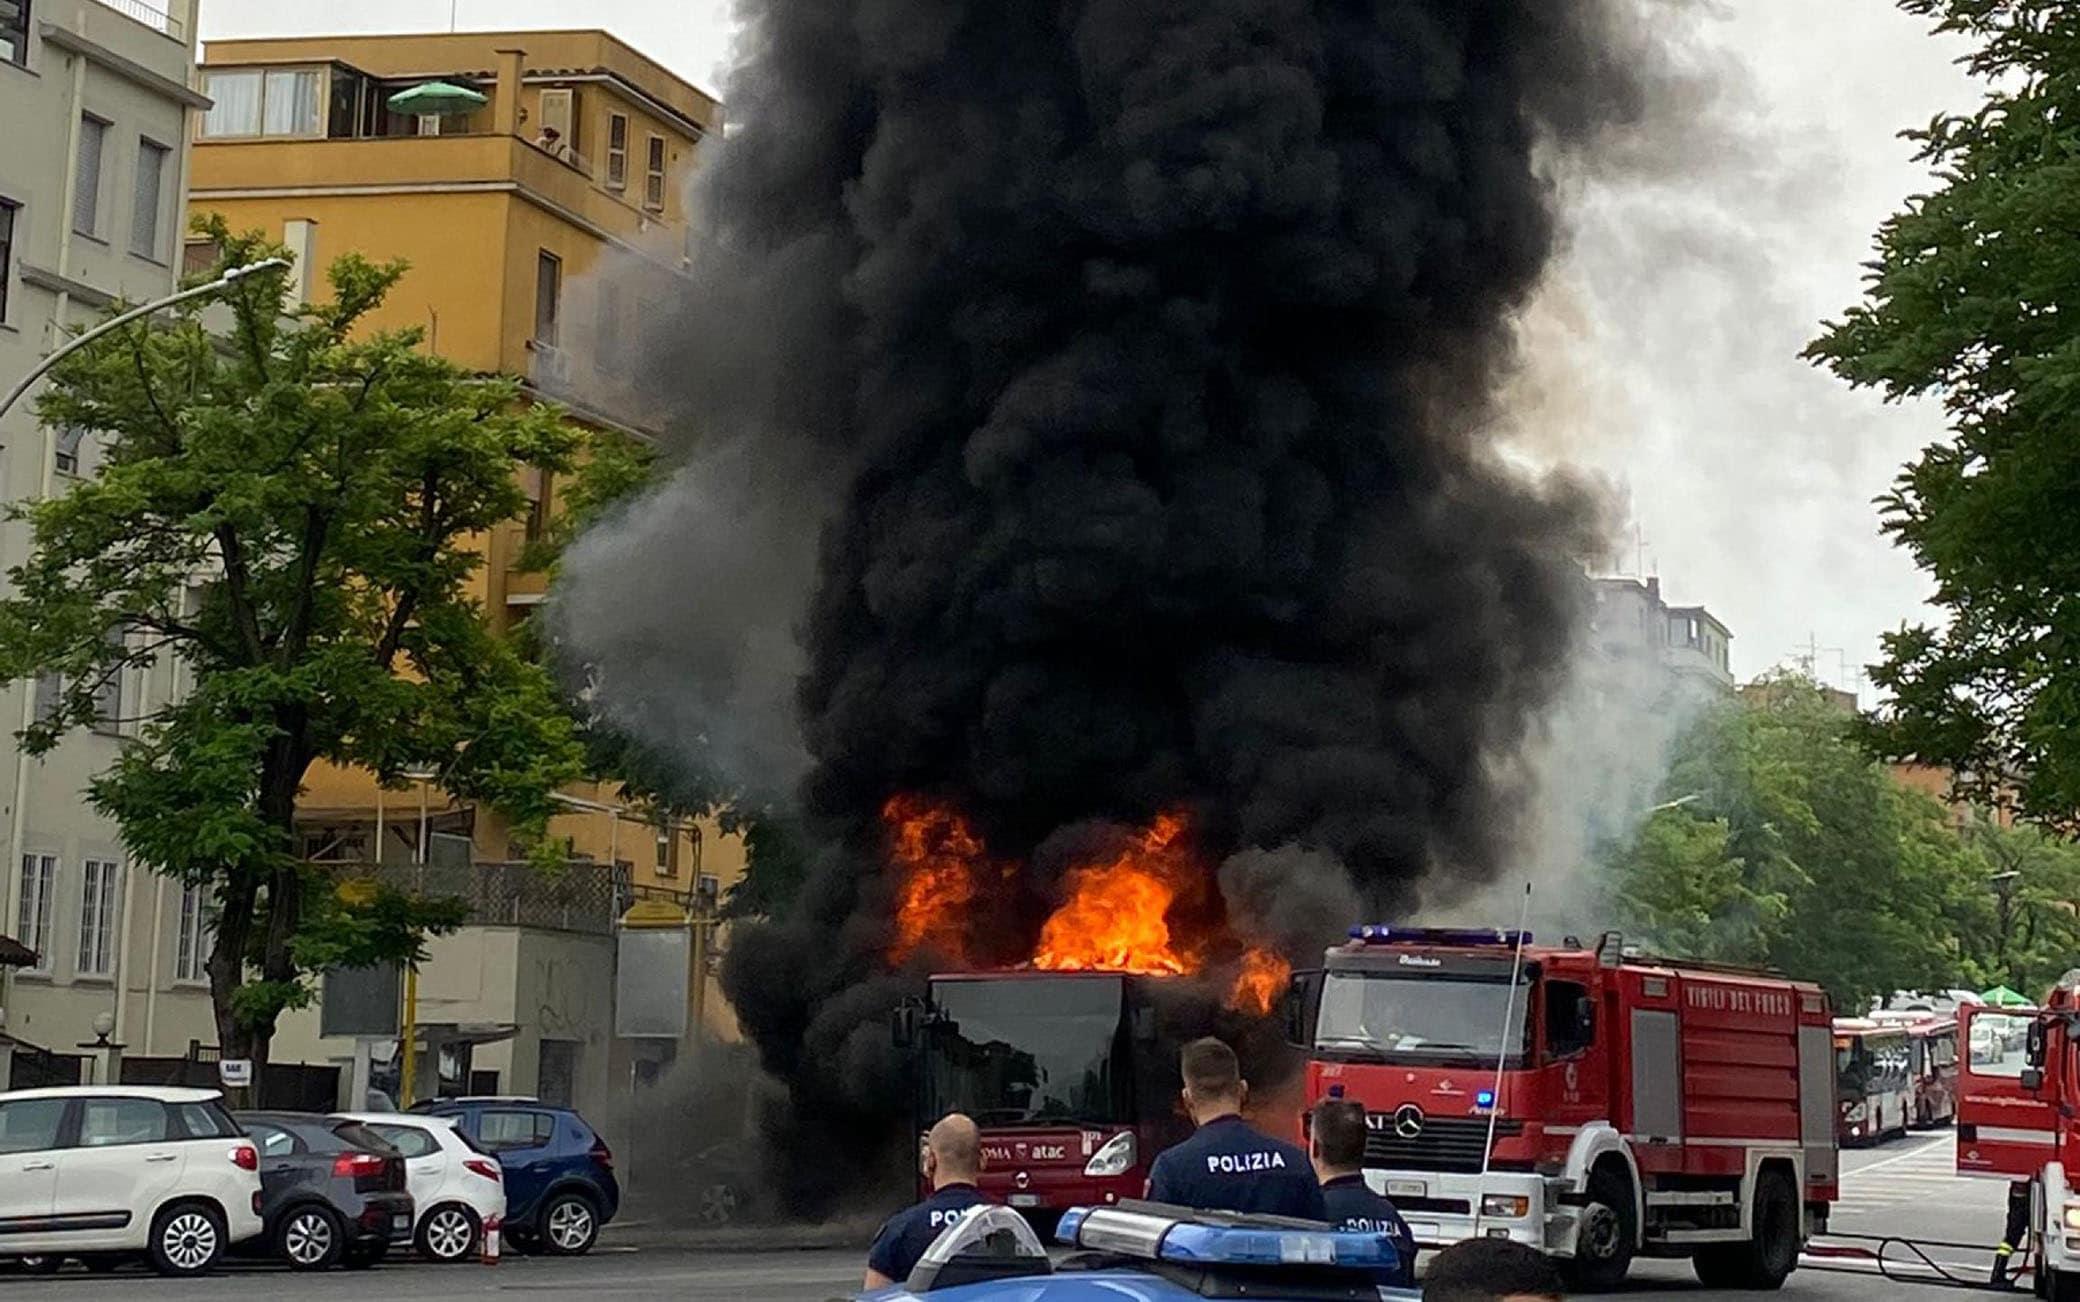 Autobus in fiamme su via Portuense vicino all'ospedale Spallanzani, Roma, 19 giugno 2021. ANSA/ETTORE FERRARI